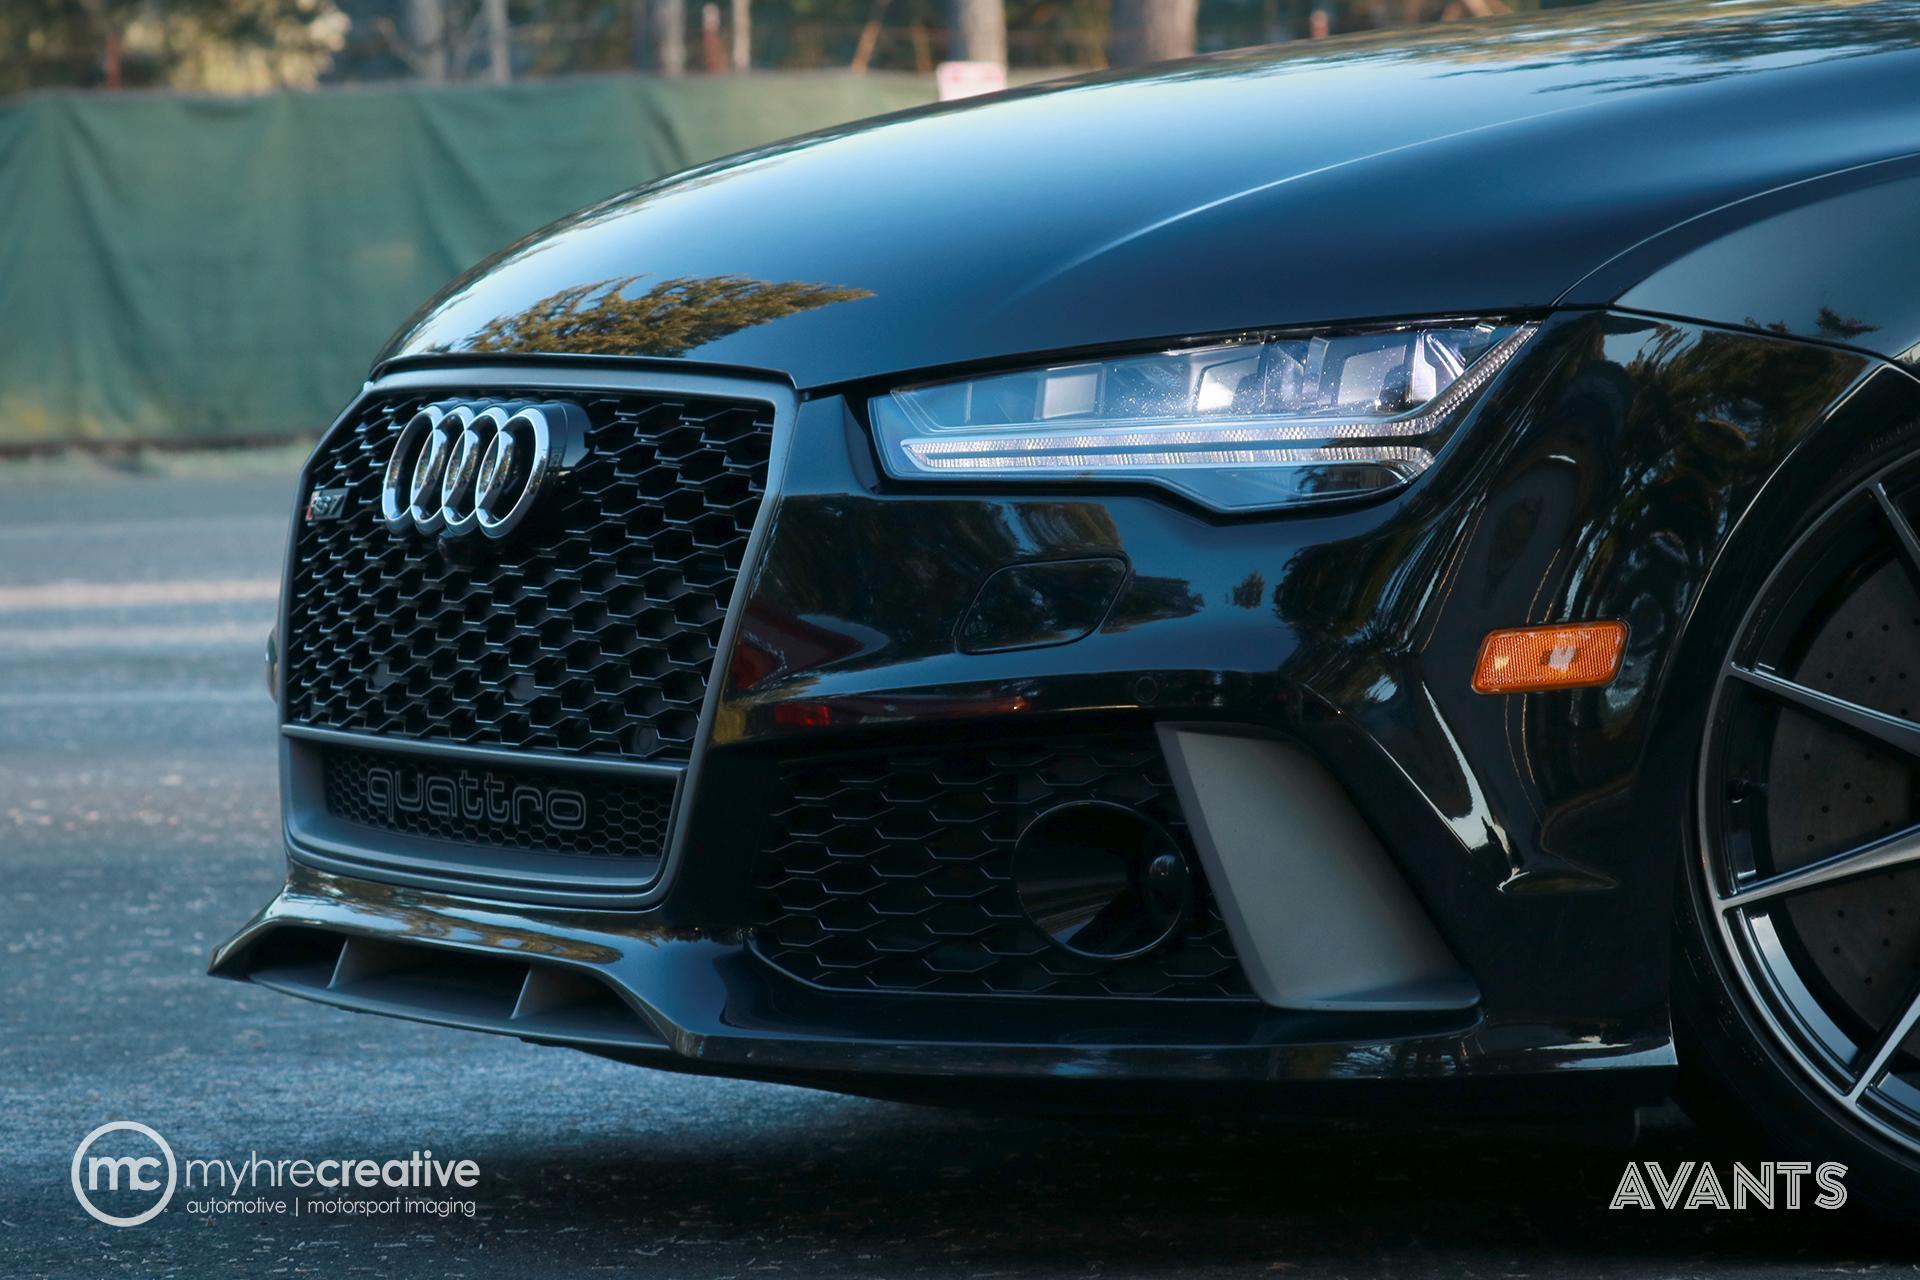 Audi_MyhreCreative_Avants_07.jpg